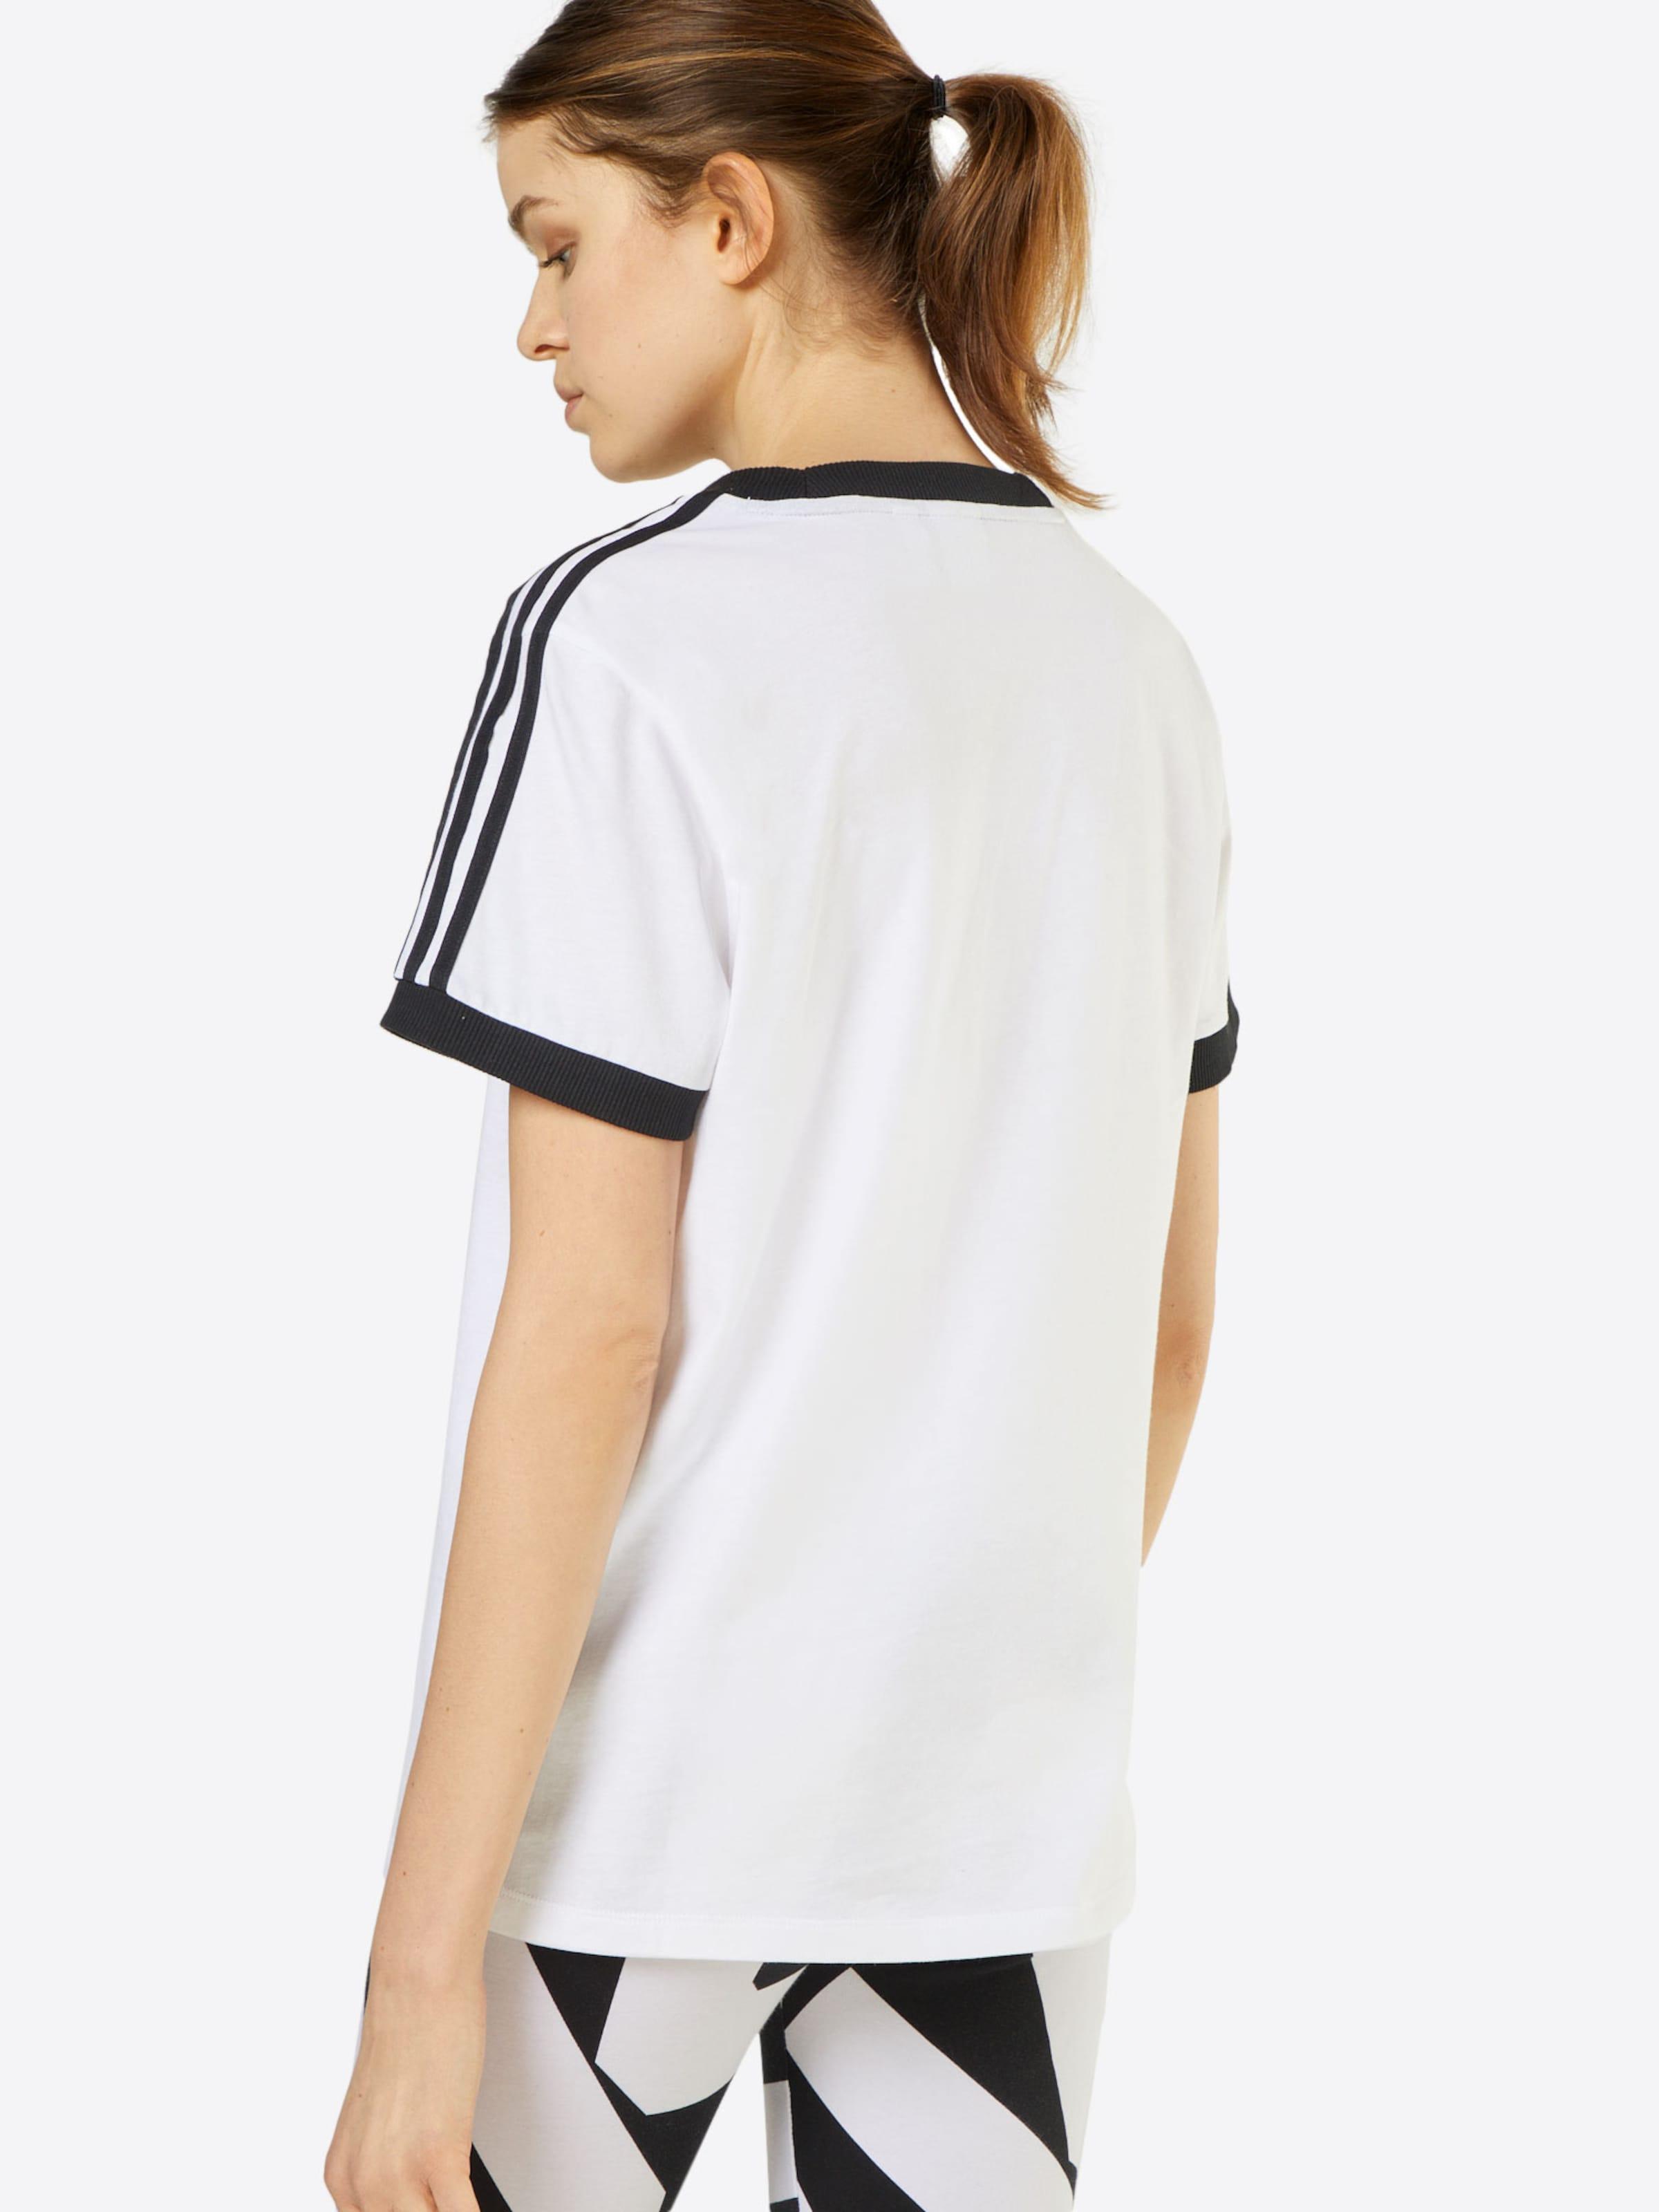 Originals Stripes T Weiß 3 In Adidas shirt bgmYf6vI7y